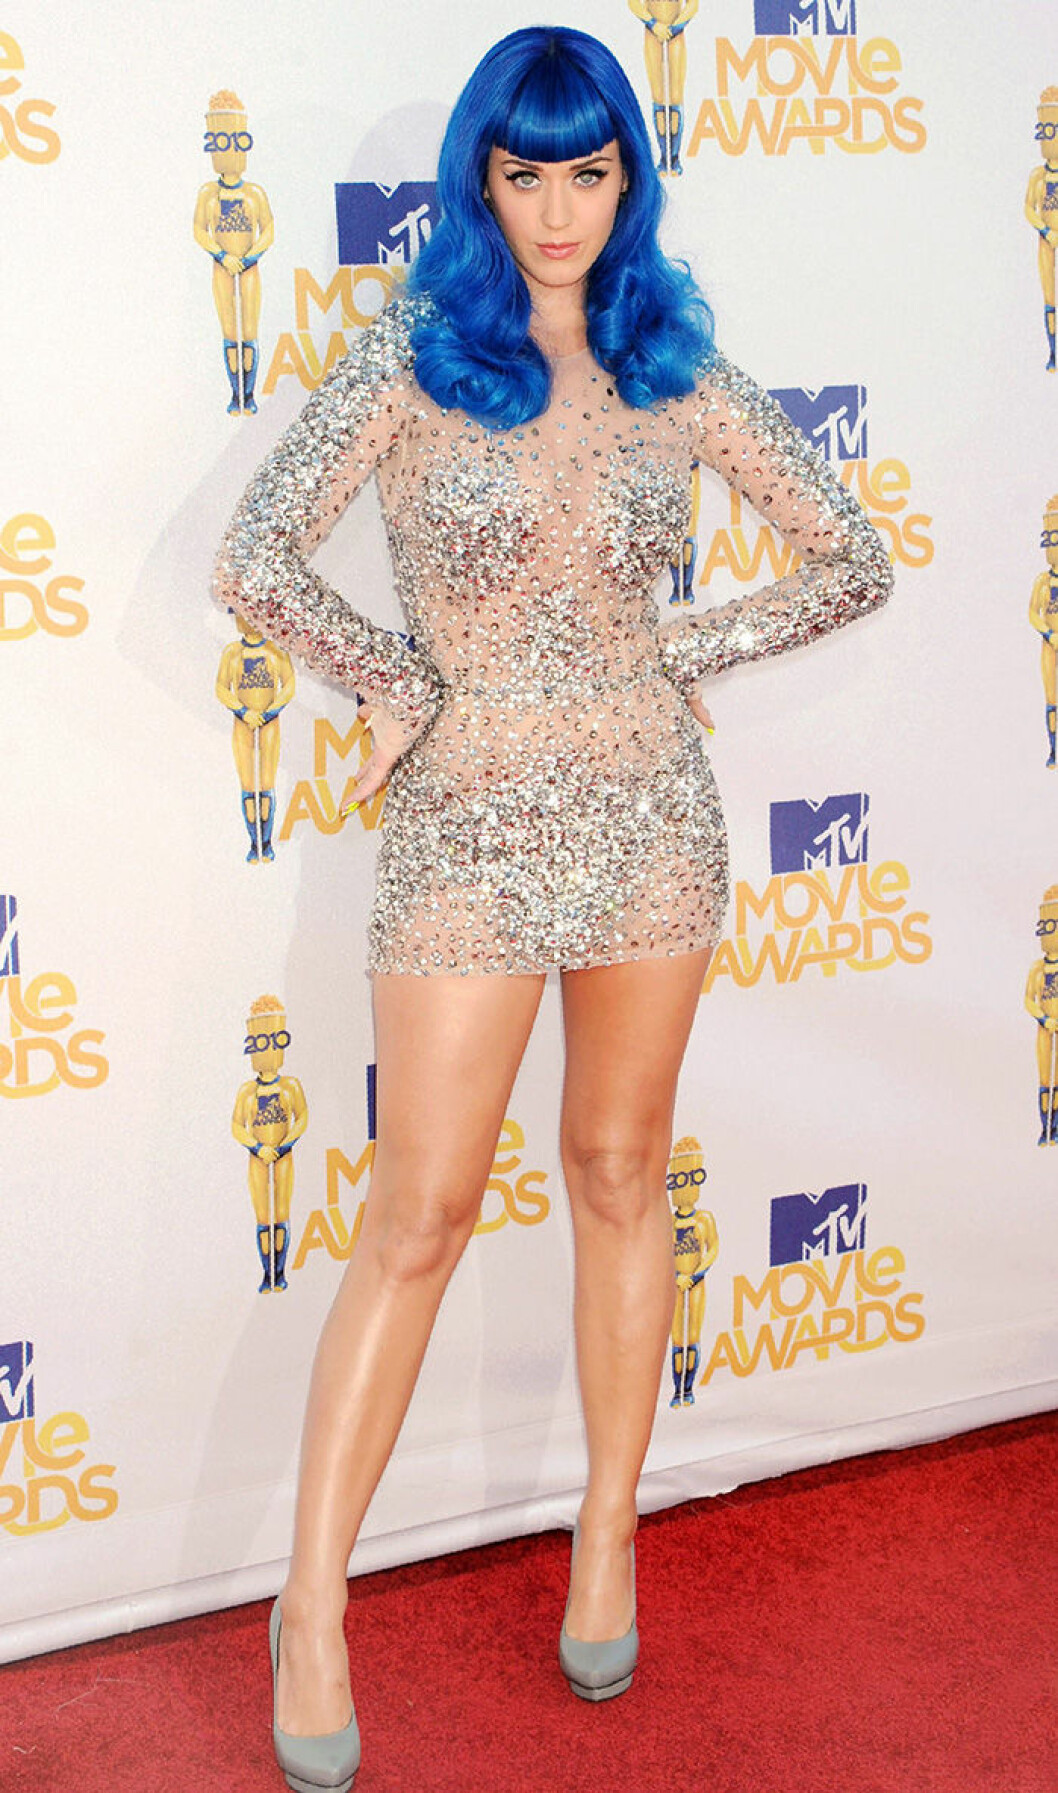 En bild på sångerskan Katy Perry på MTV Video Music Awards 2010.